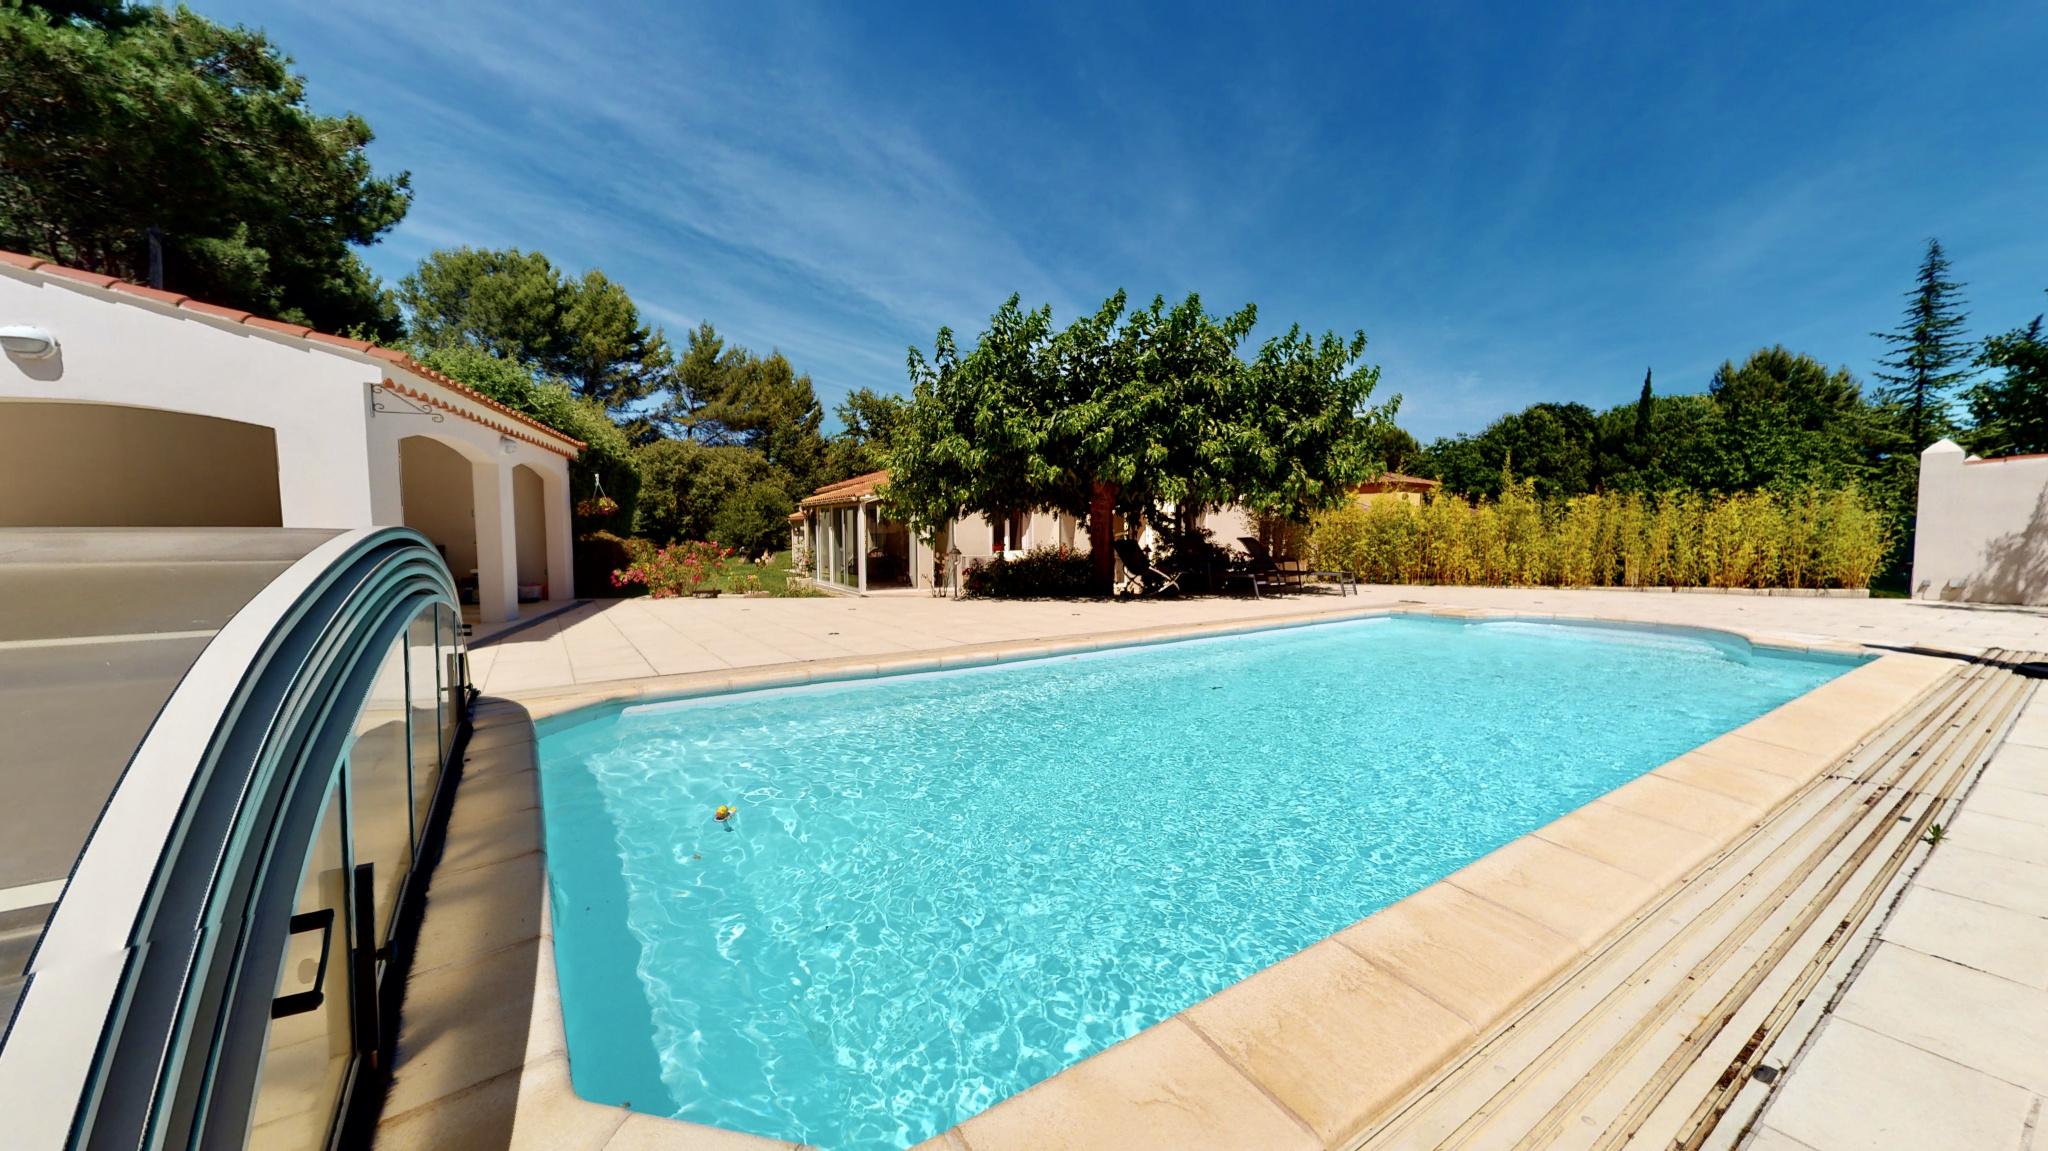 Maison de plain pied avec piscine